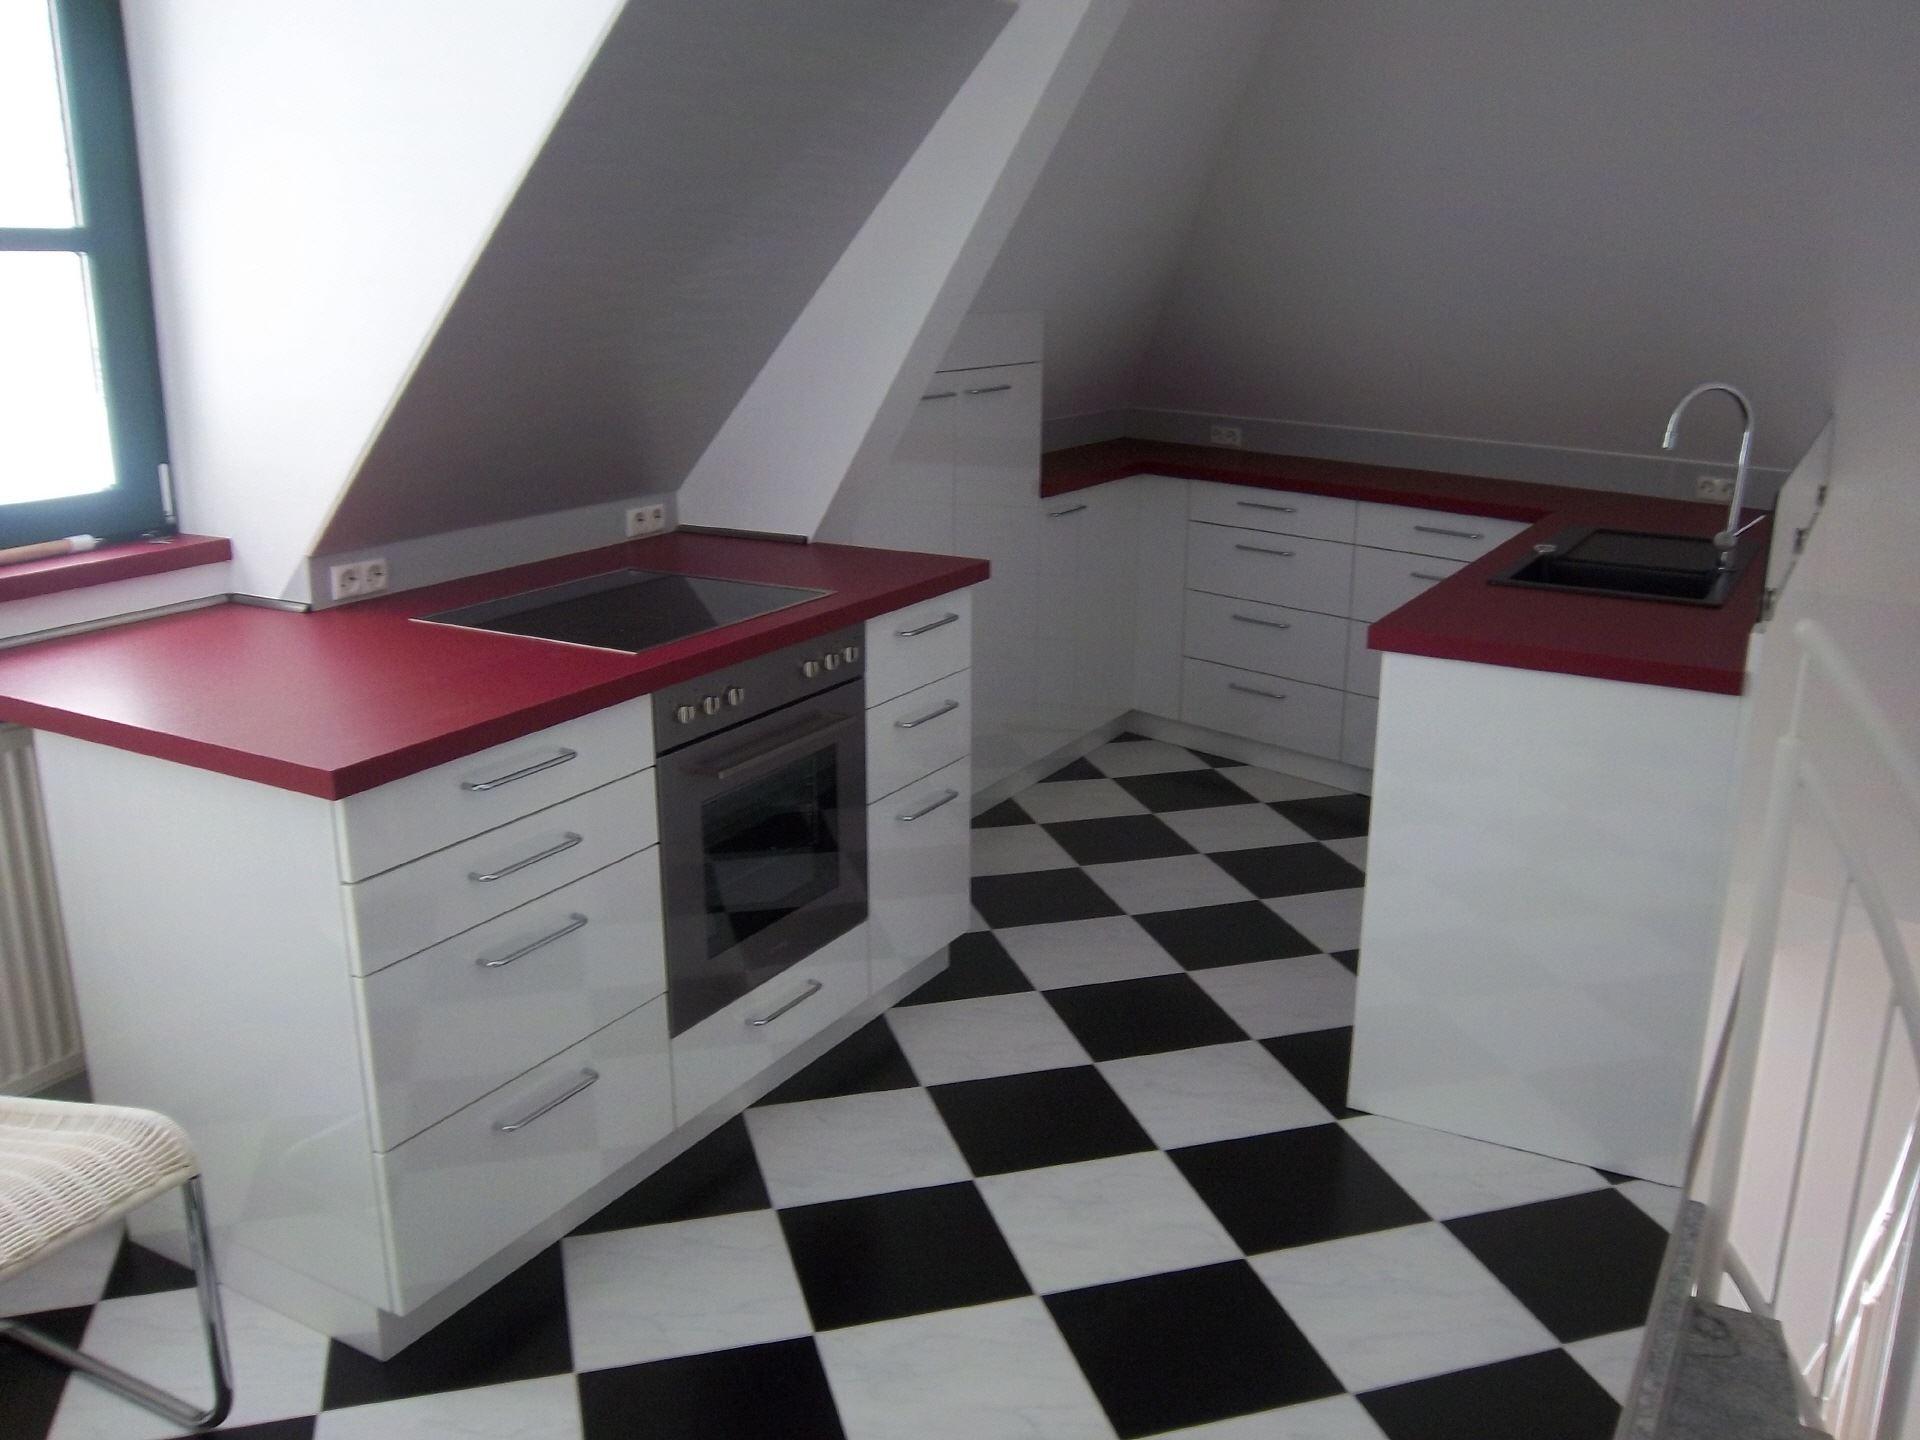 erfreut k chen f r dachschr gen fotos die kinderzimmer design ideen. Black Bedroom Furniture Sets. Home Design Ideas